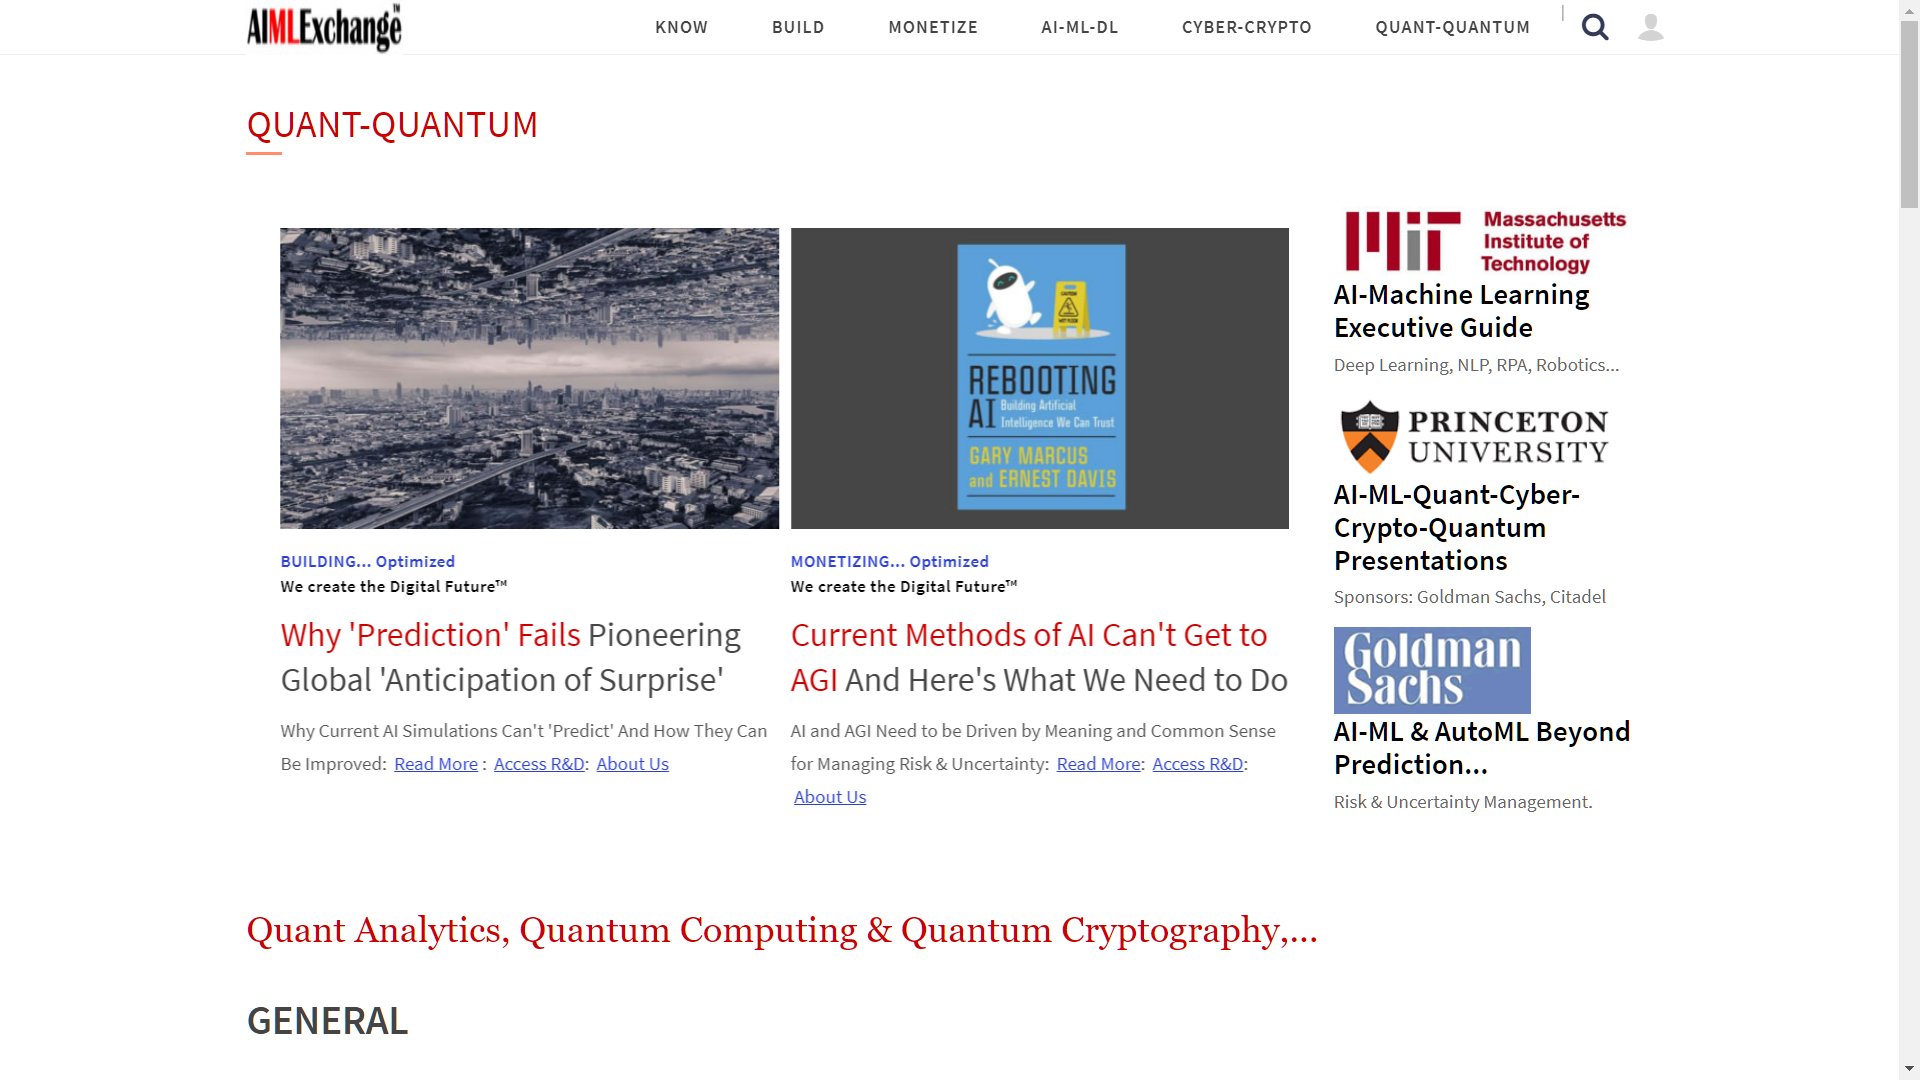 AIMLExchange™: Quant Analytics, Quantum Computing & Quantum Cryptography,....